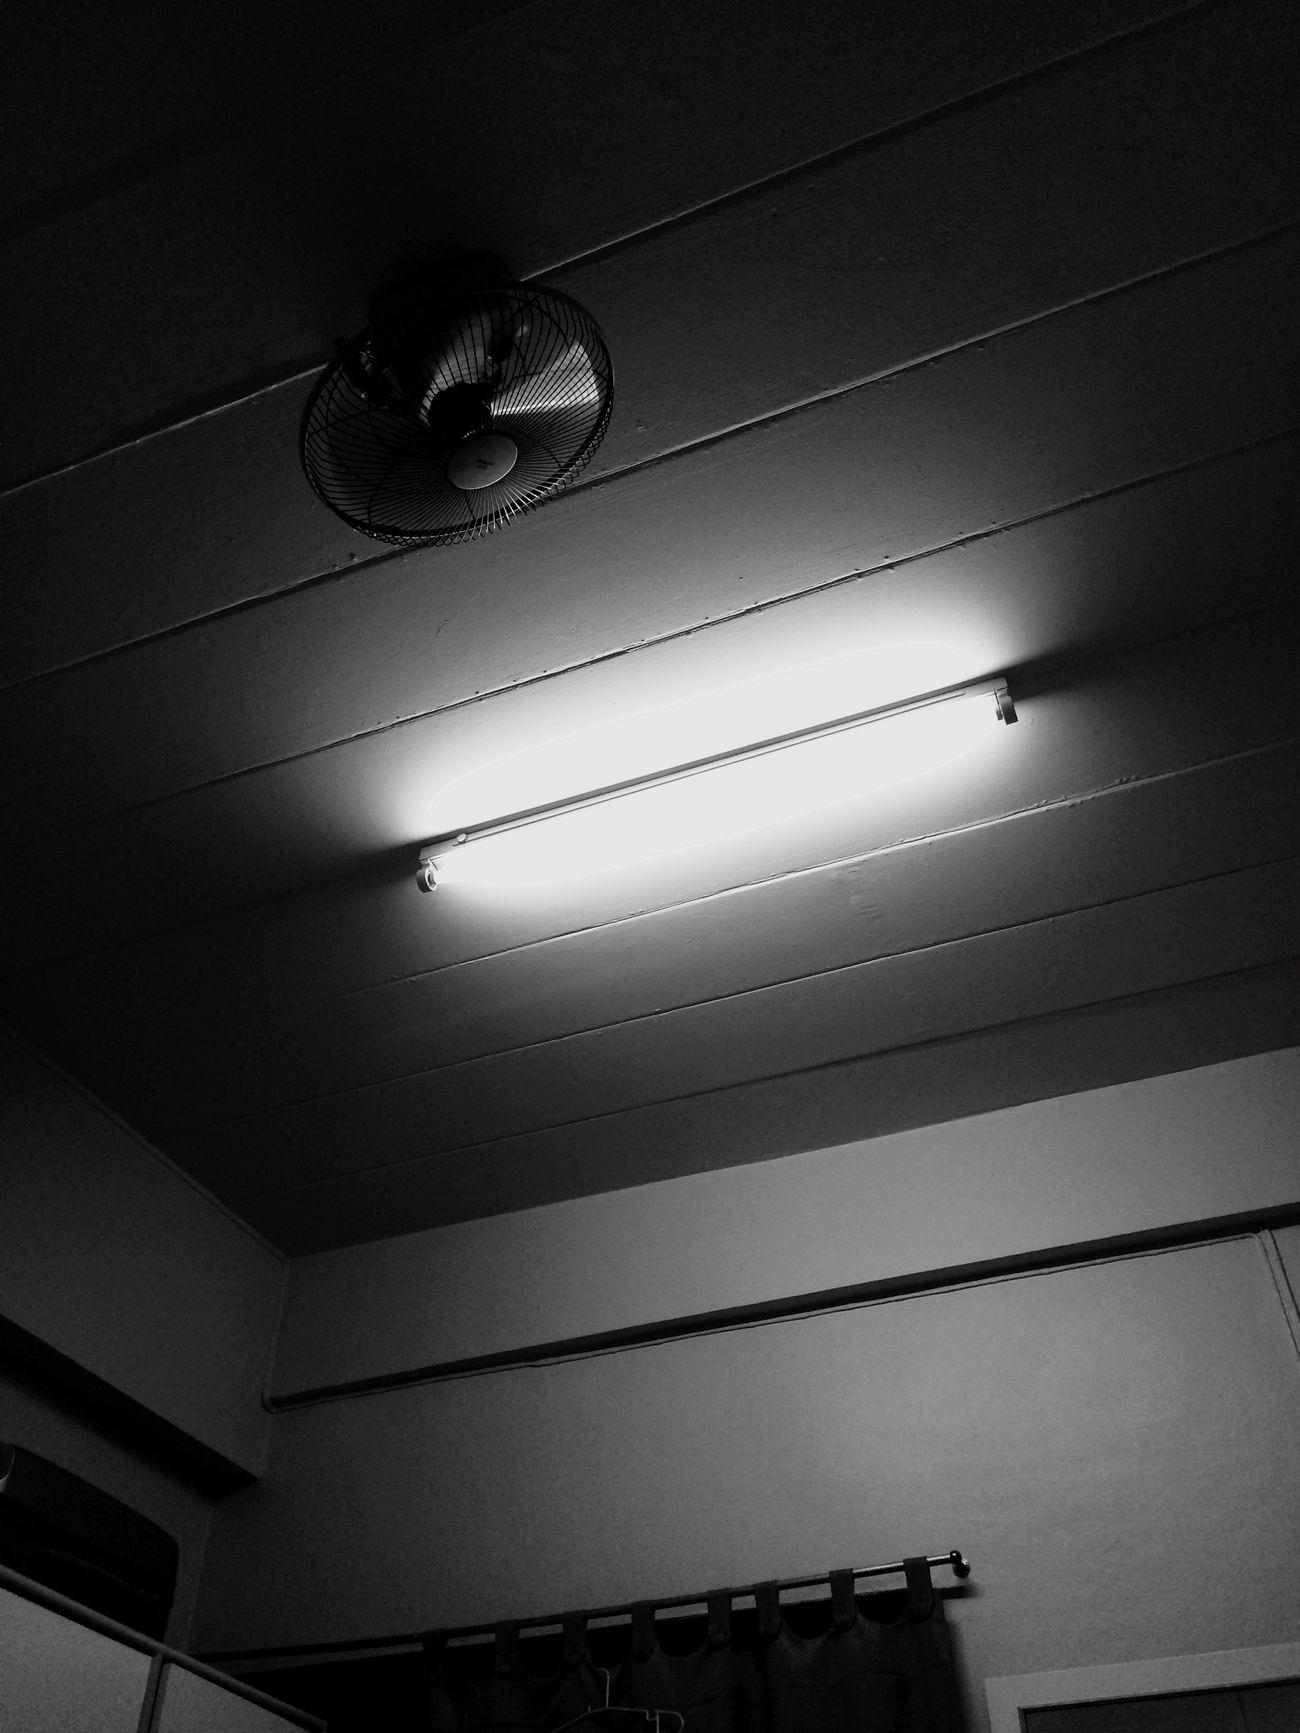 """ในความมืด มันยังคงมี """"แสงสว่าง"""" First Eyeem Photo"""